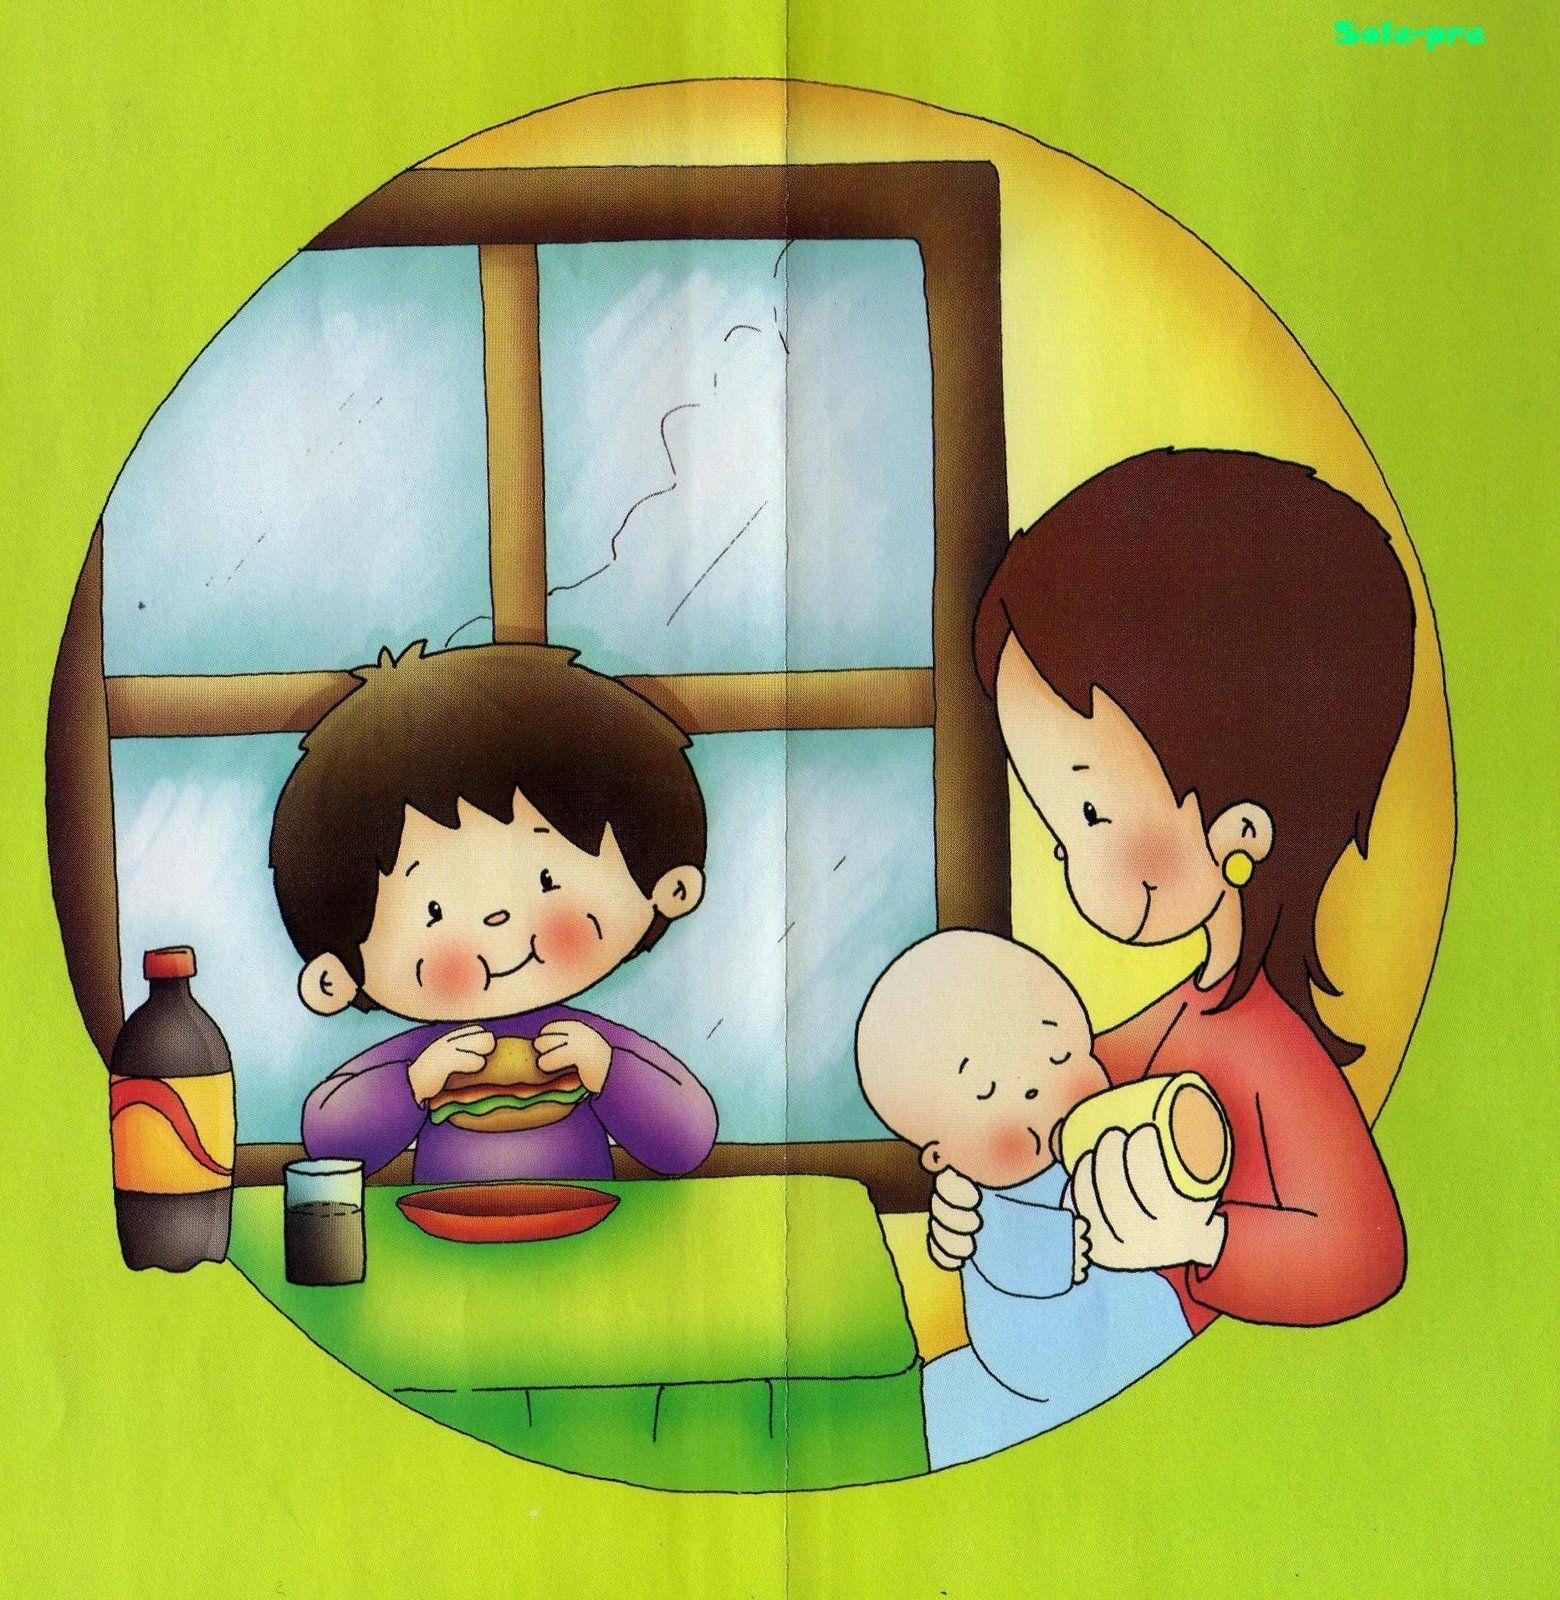 Menta m s chocolate recursos para educaci n infantil dibujos de los derechos de los ni os - Agencias para tener estudiantes en casa ...